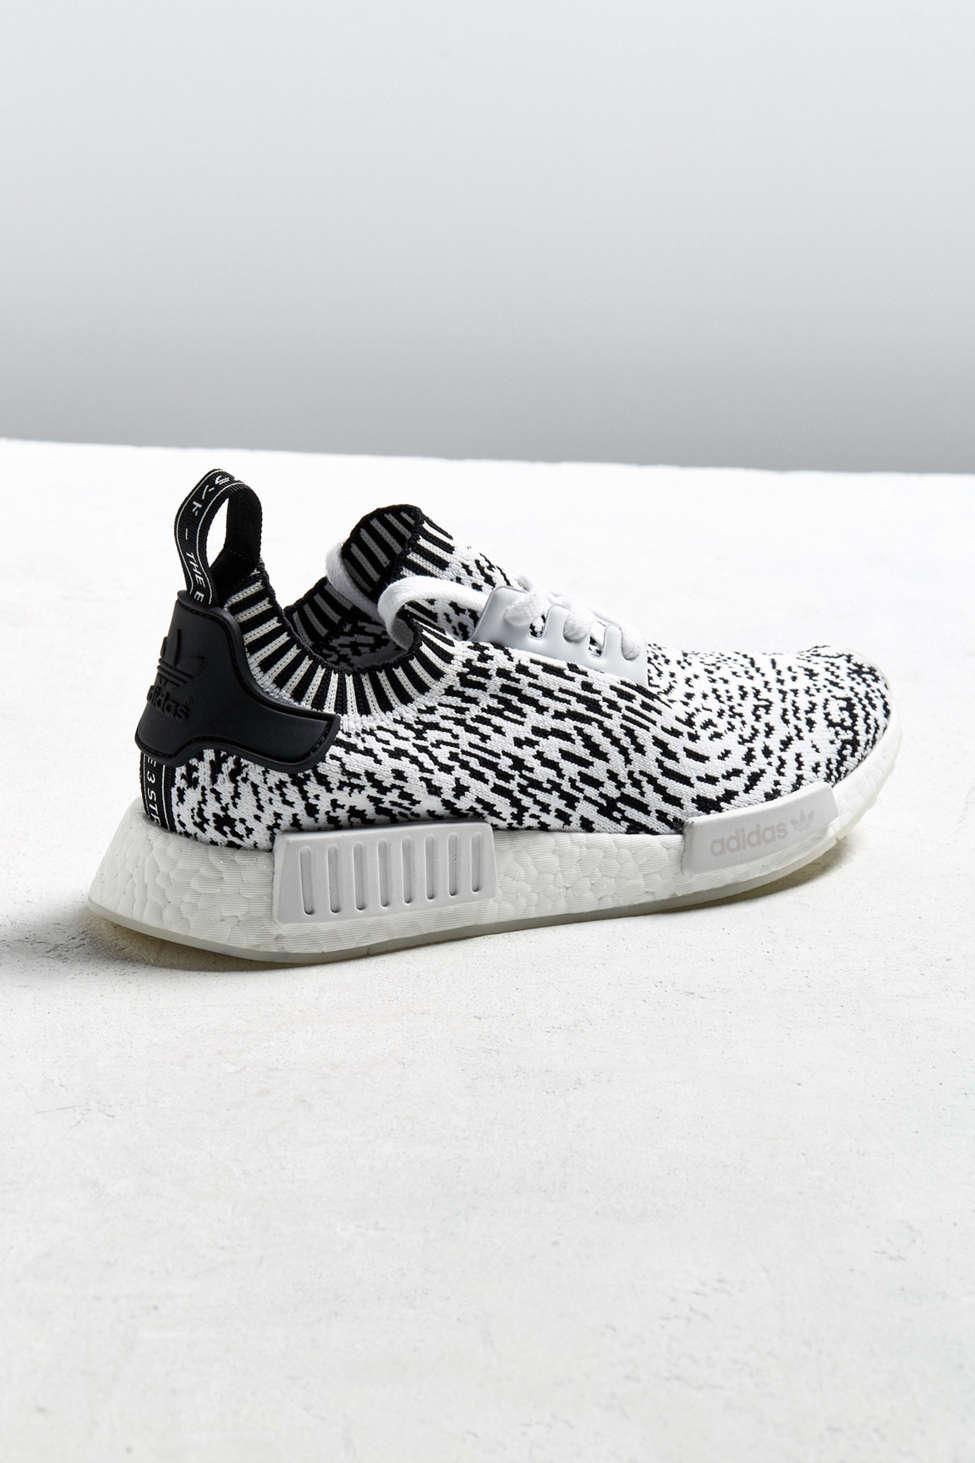 poco nmd r1 runner scarpe vendere, comprare a poco prezzo adidas nmd r1 runner 2018